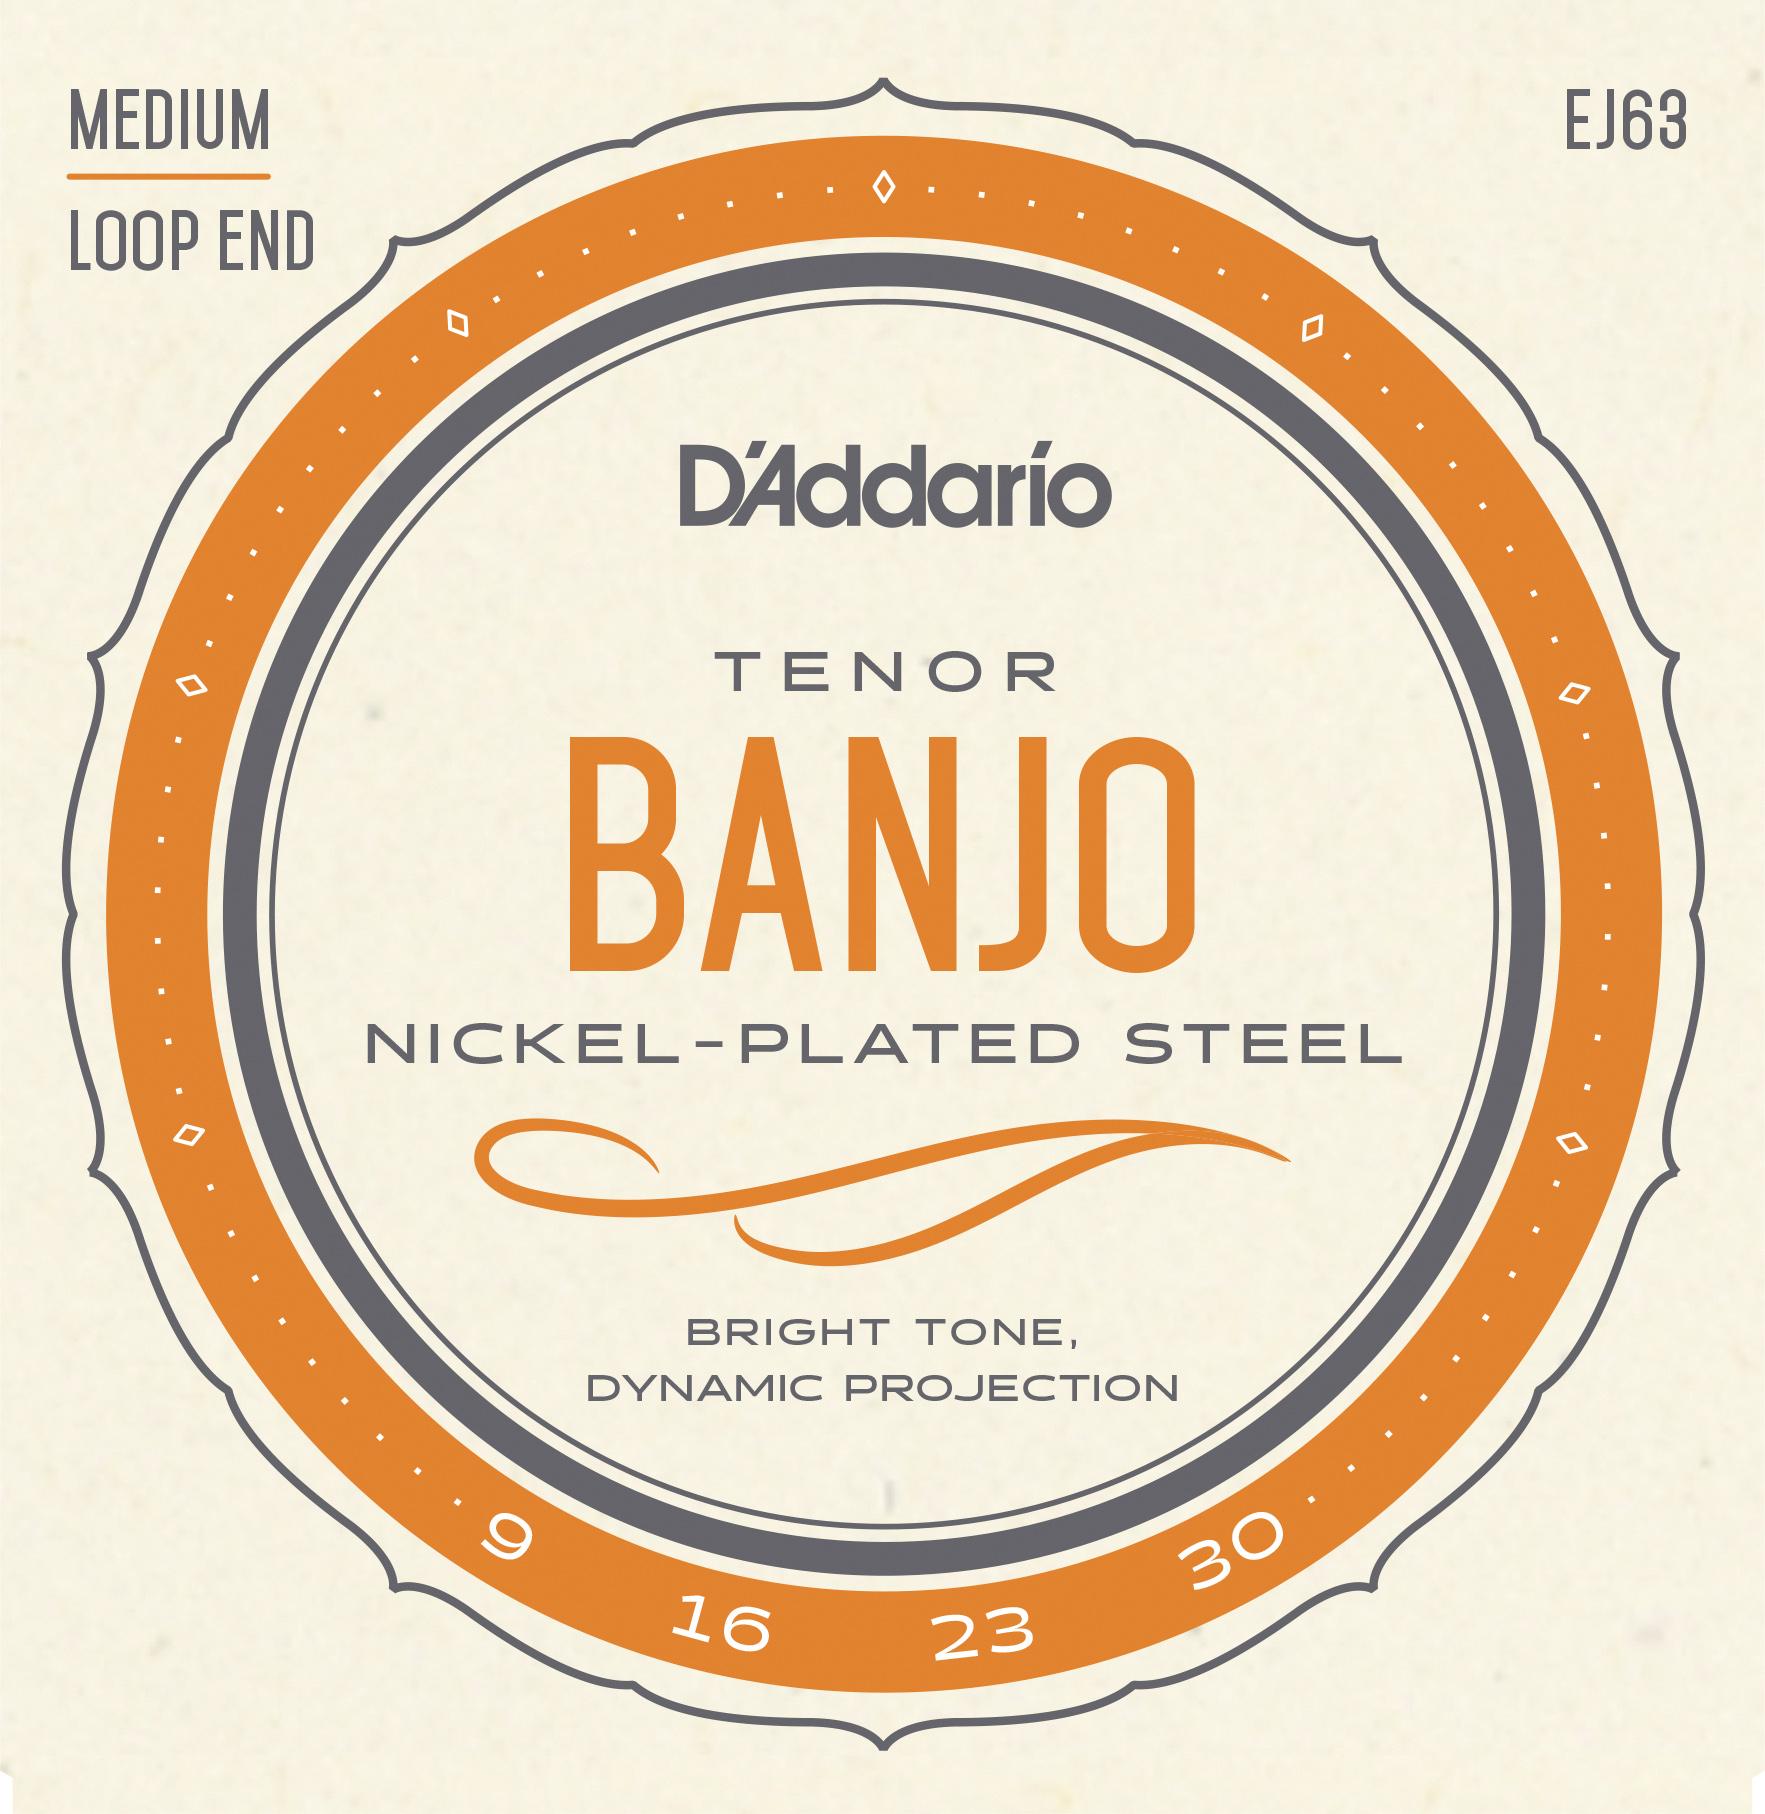 D'Addario Nickel EJ63 Tenor Banjo Strings, 4-String, 9-30